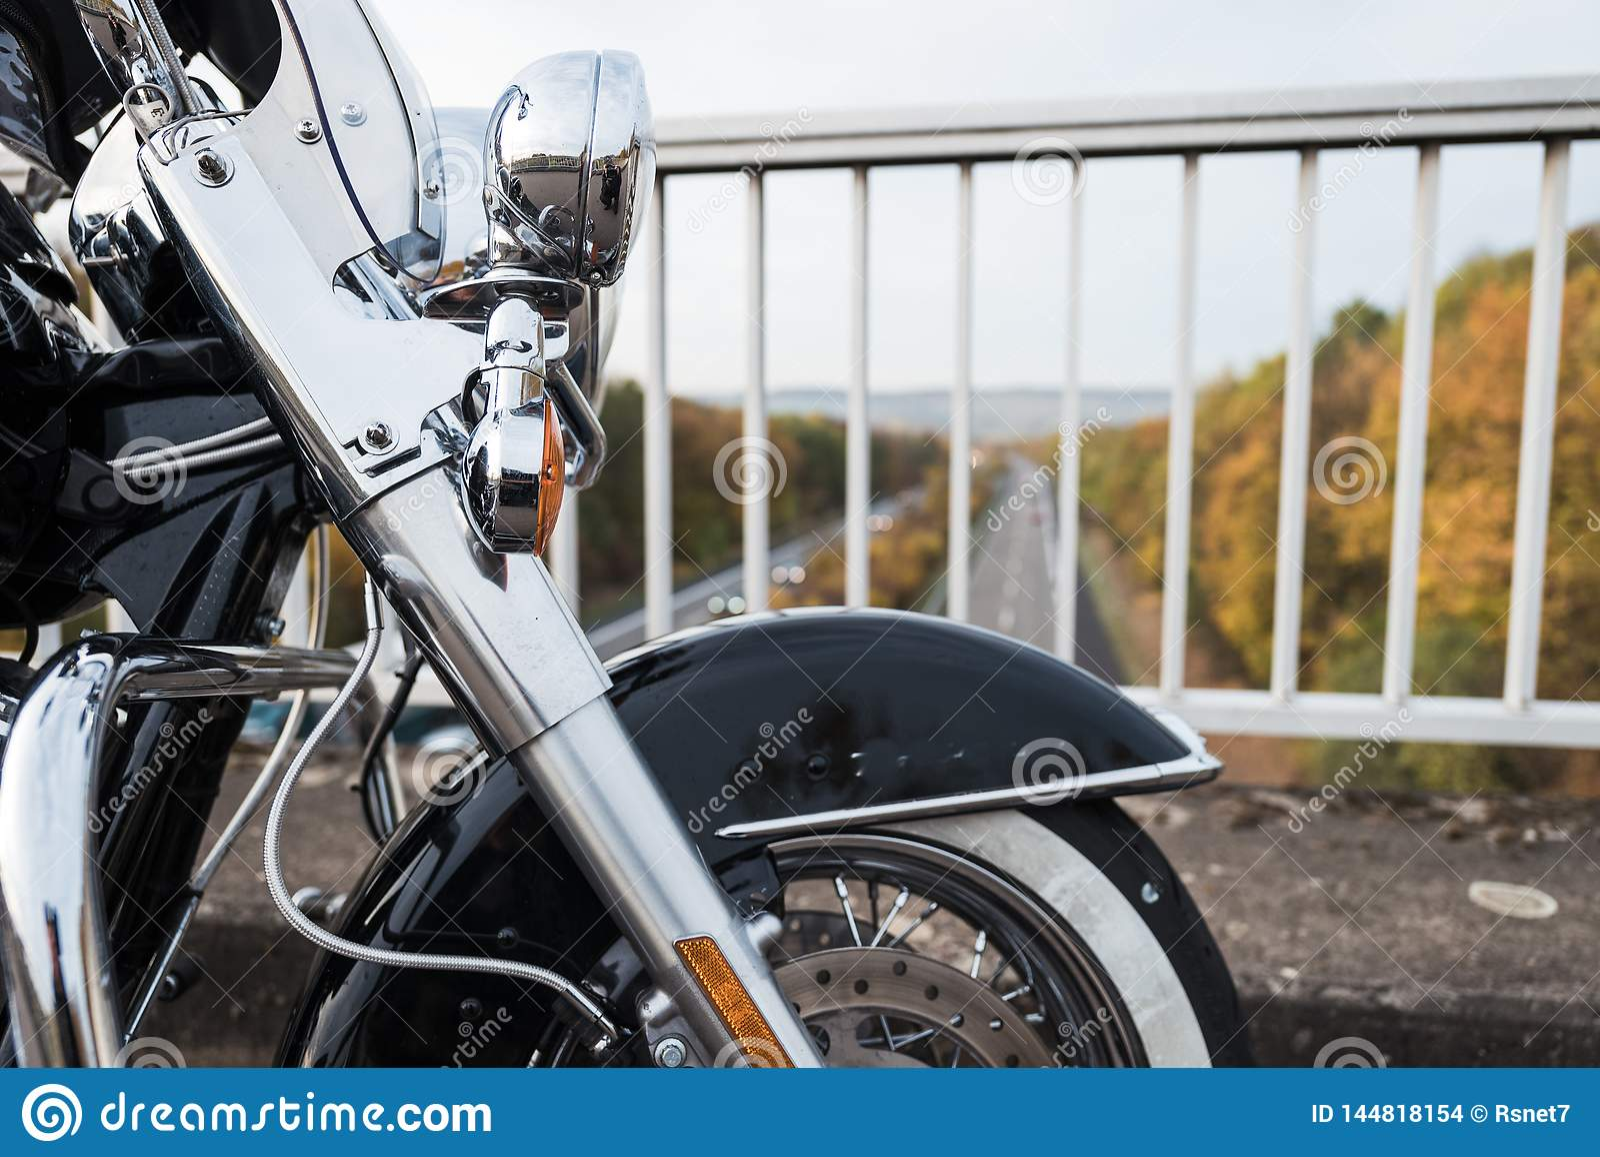 Dettaglio di una ruota anteriore da un motociclo